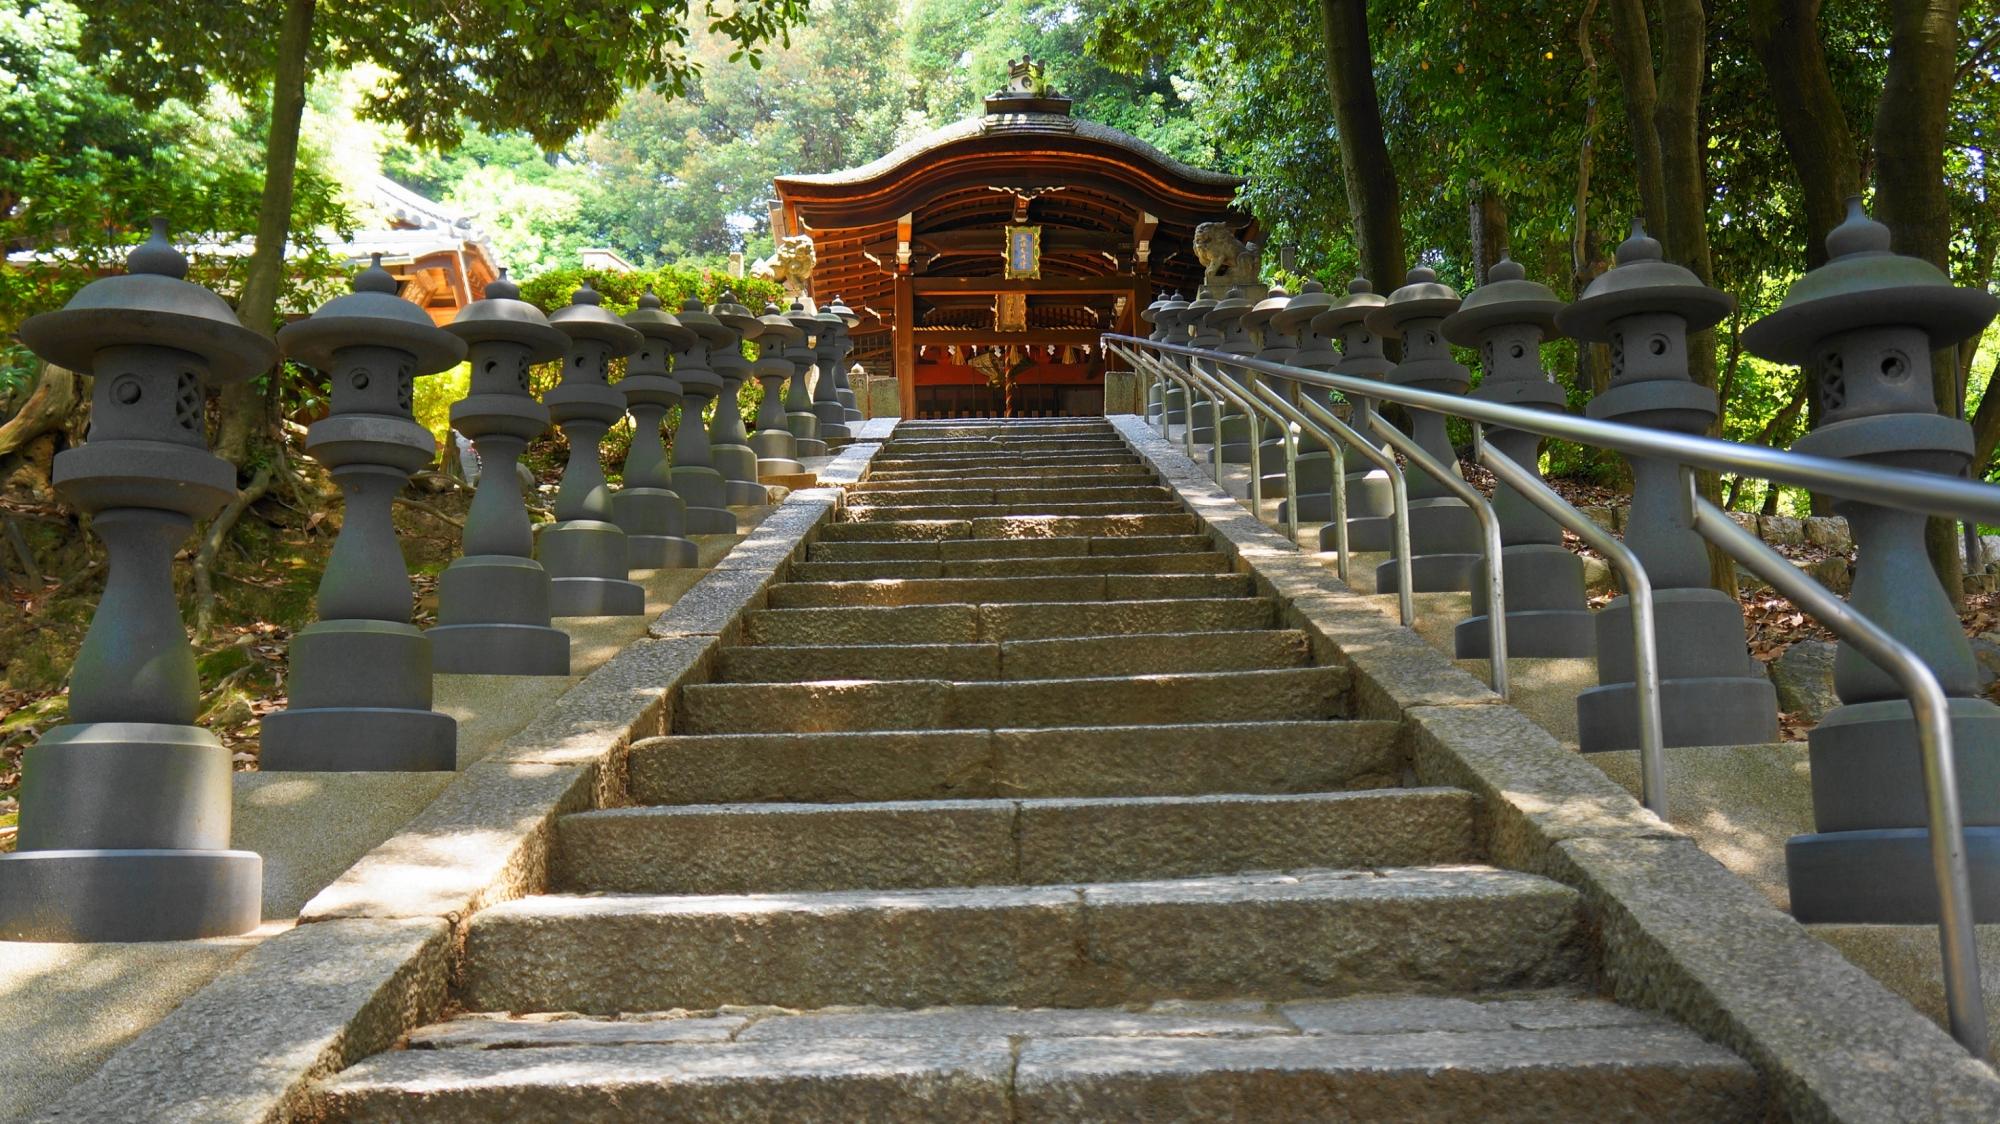 鳥居の先には長い石段が続き何とも風情の感じられる神社の五社成就宮